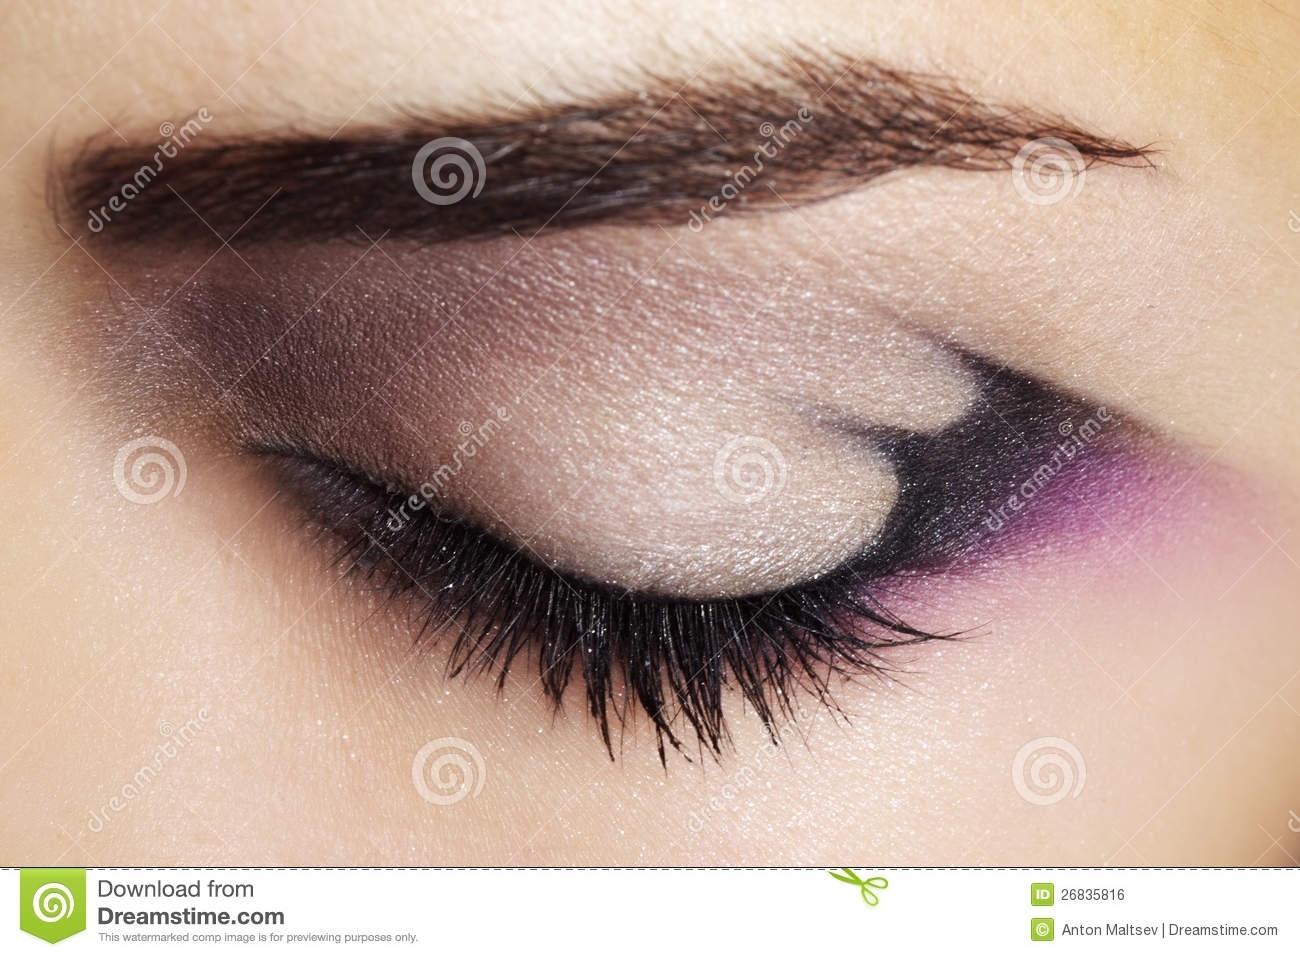 Purple Eye Makeup Stock Photo. Image Of Pink, Up, Mascara - 26835816 with regard to Eye Makeup Pics Free Download